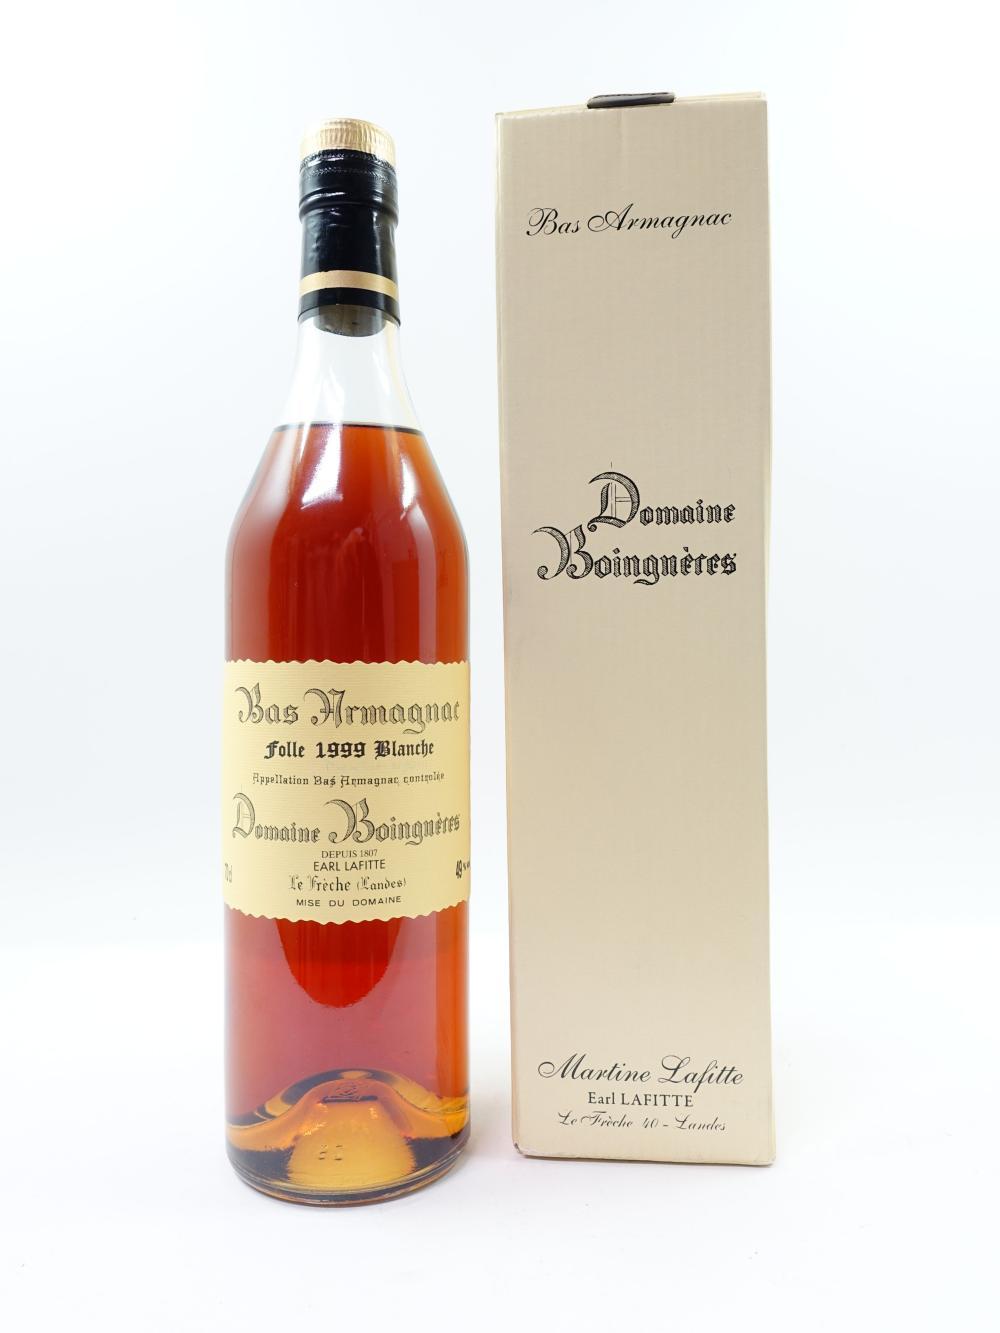 1 bouteille BAS ARMAGNAC BOINGNERES 1999 Folle Blanche (70cl, 49°, étui d'origine) Martine Lafitte